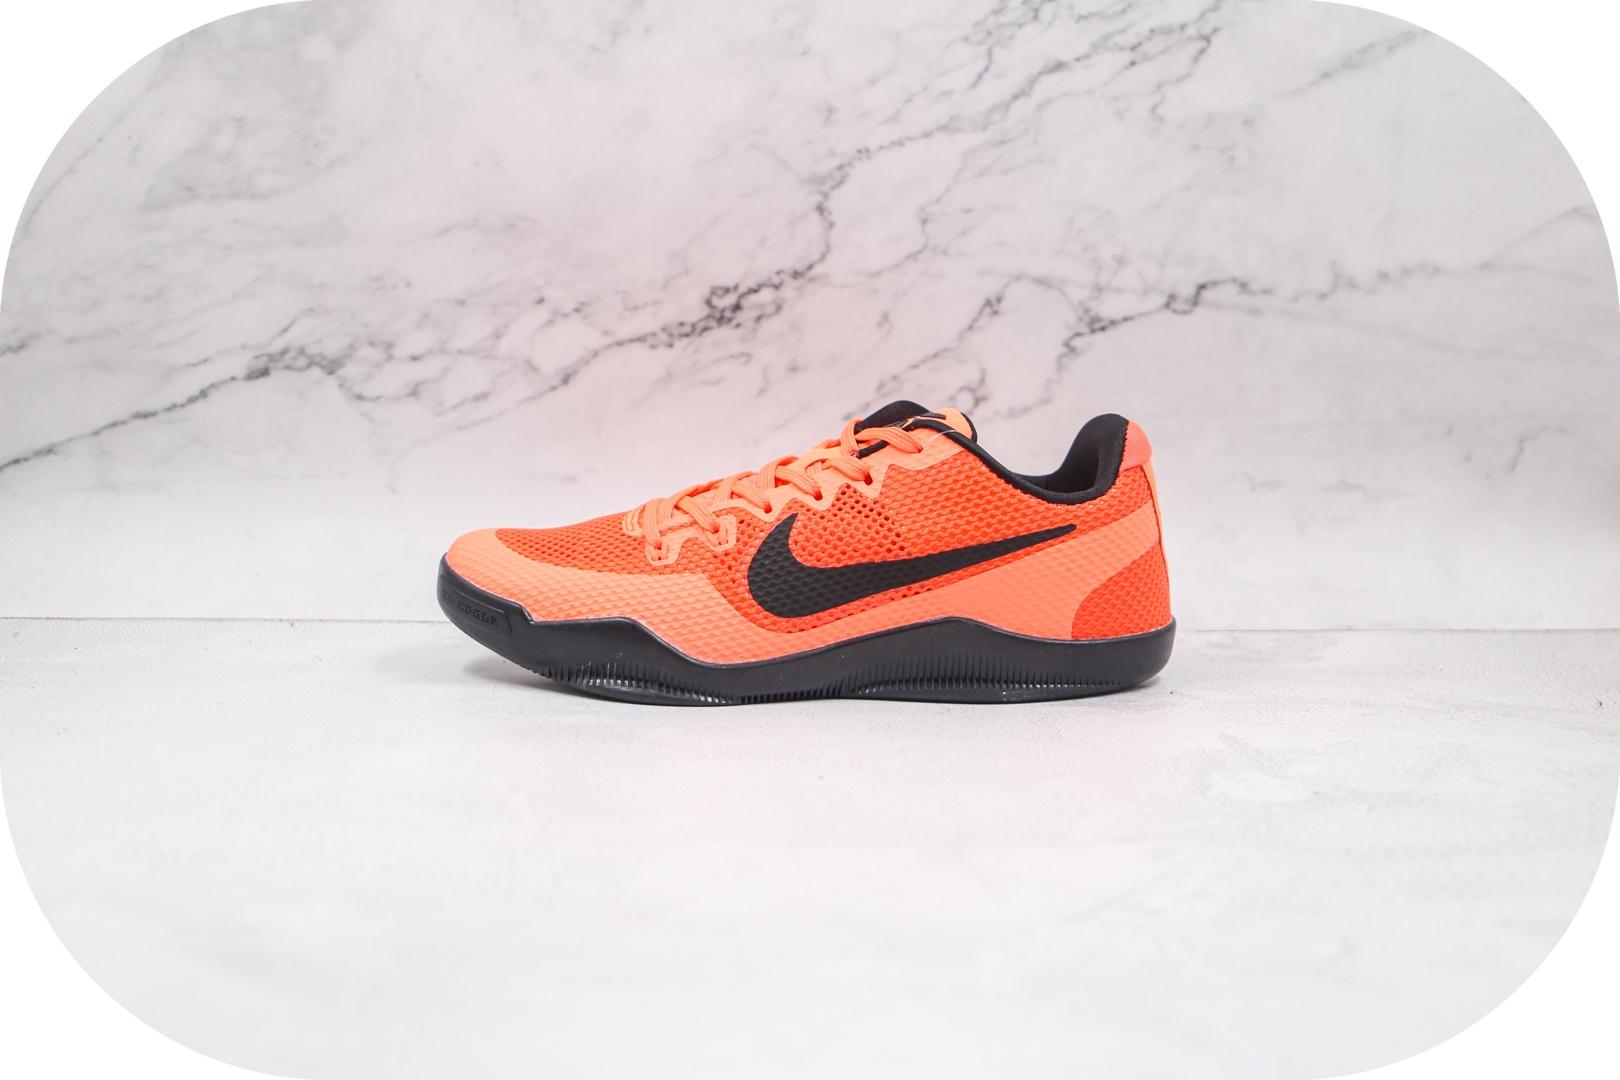 耐克Nike Kobe 11 EM纯原版本科比11代橙色生胶篮球鞋原楦头纸板打造 货号:836184-806